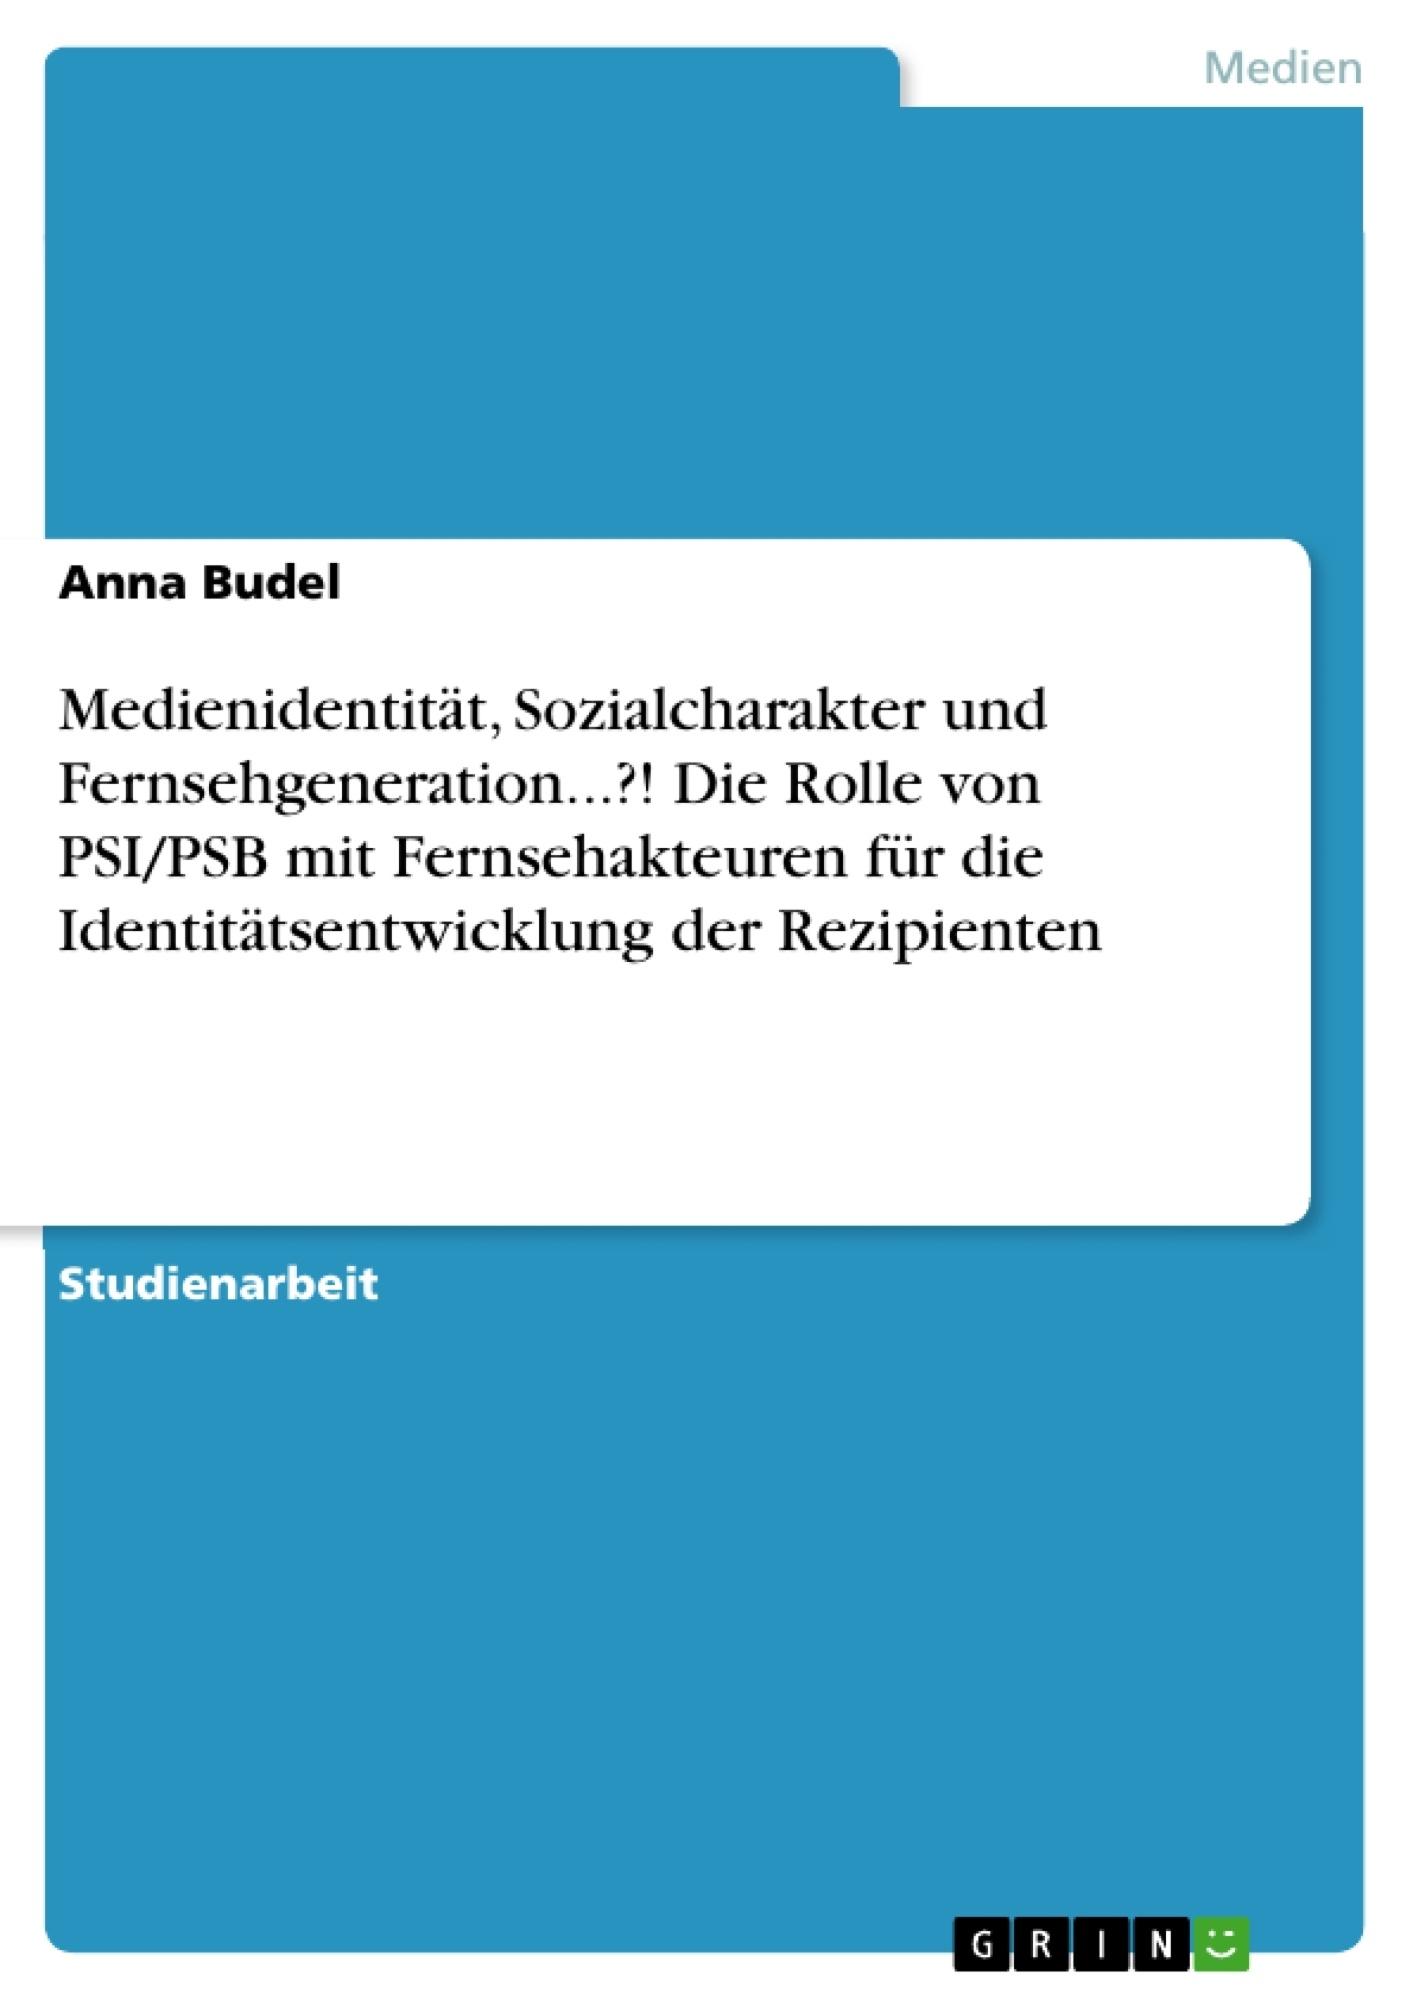 Titel: Medienidentität, Sozialcharakter und Fernsehgeneration...?!  Die Rolle von PSI/PSB mit Fernsehakteuren für die Identitätsentwicklung der Rezipienten